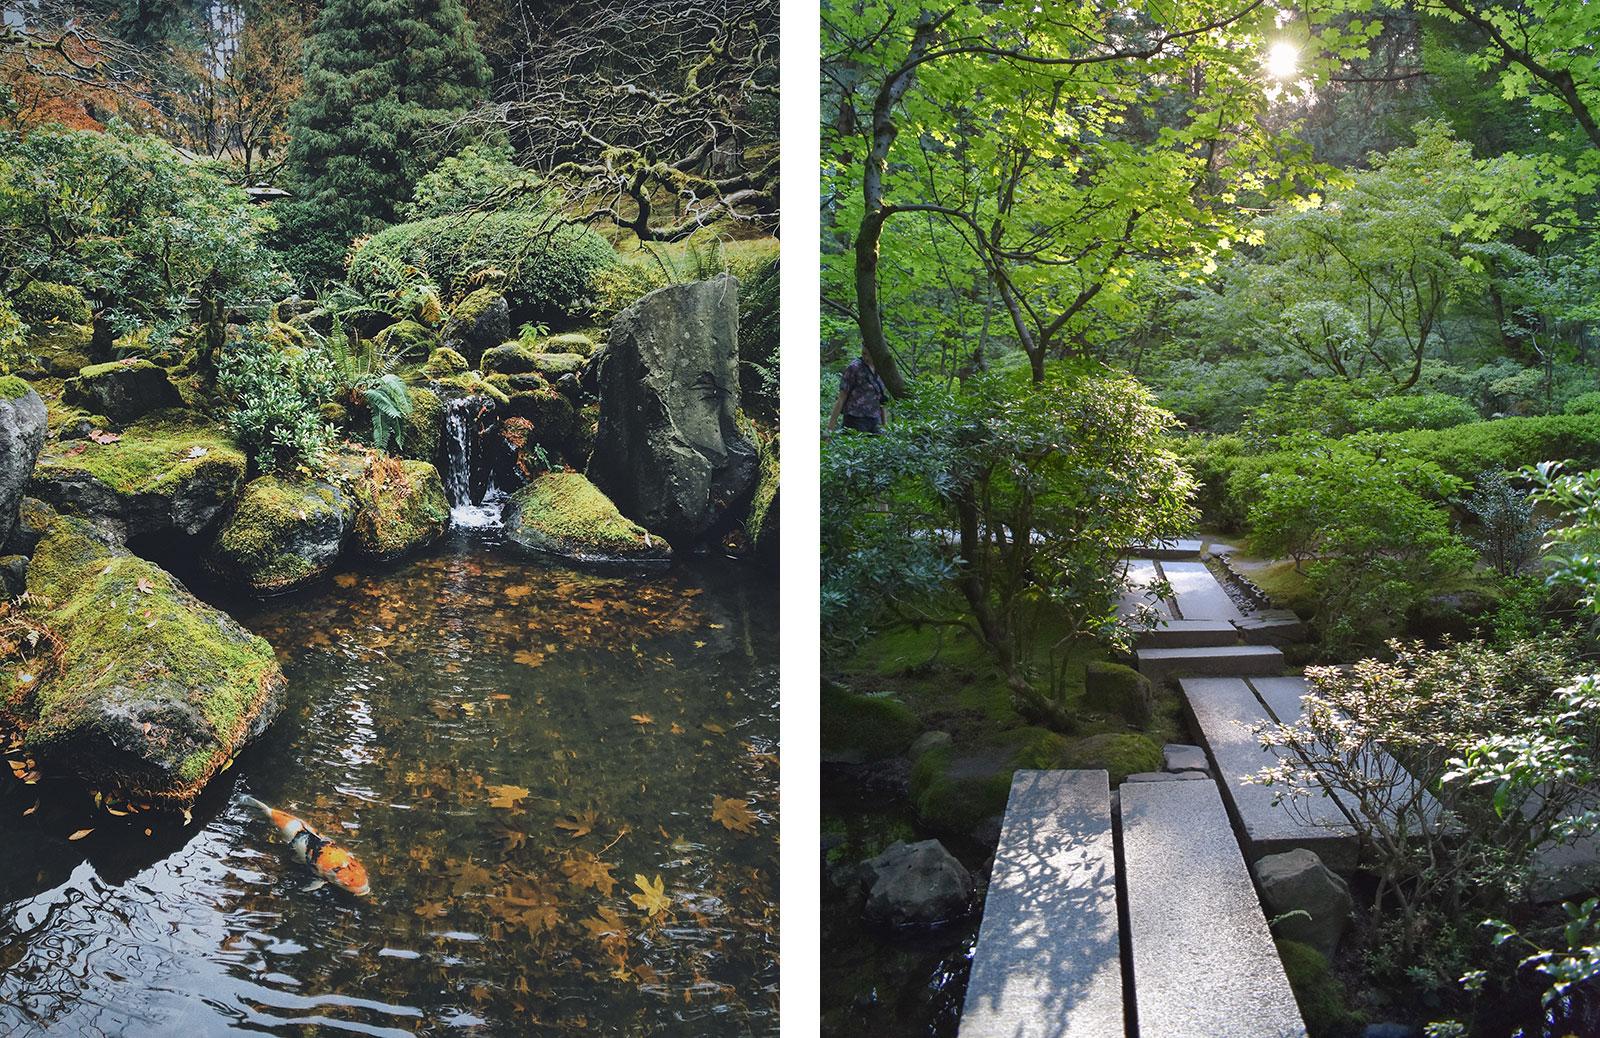 Bäume, Moos, Wasser und Steine sind wesentliche Elemente des japanischen Gartens.